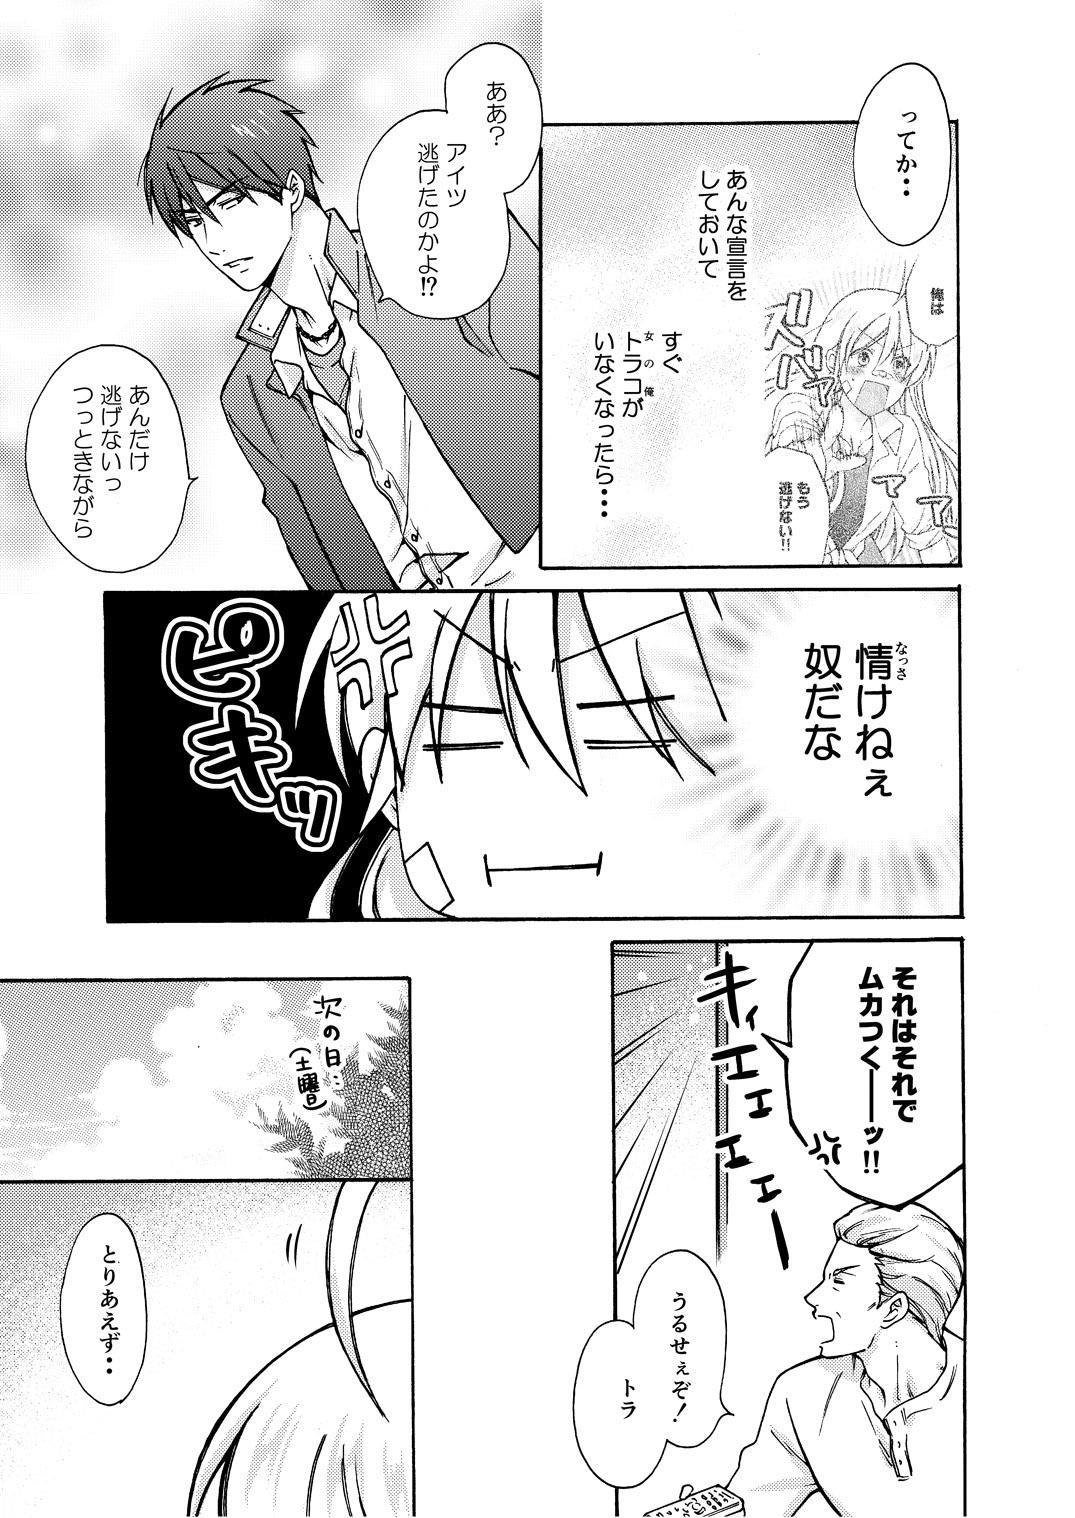 Nyotaika Yankee Gakuen ☆ Ore no Hajimete, Nerawaretemasu. 9 3